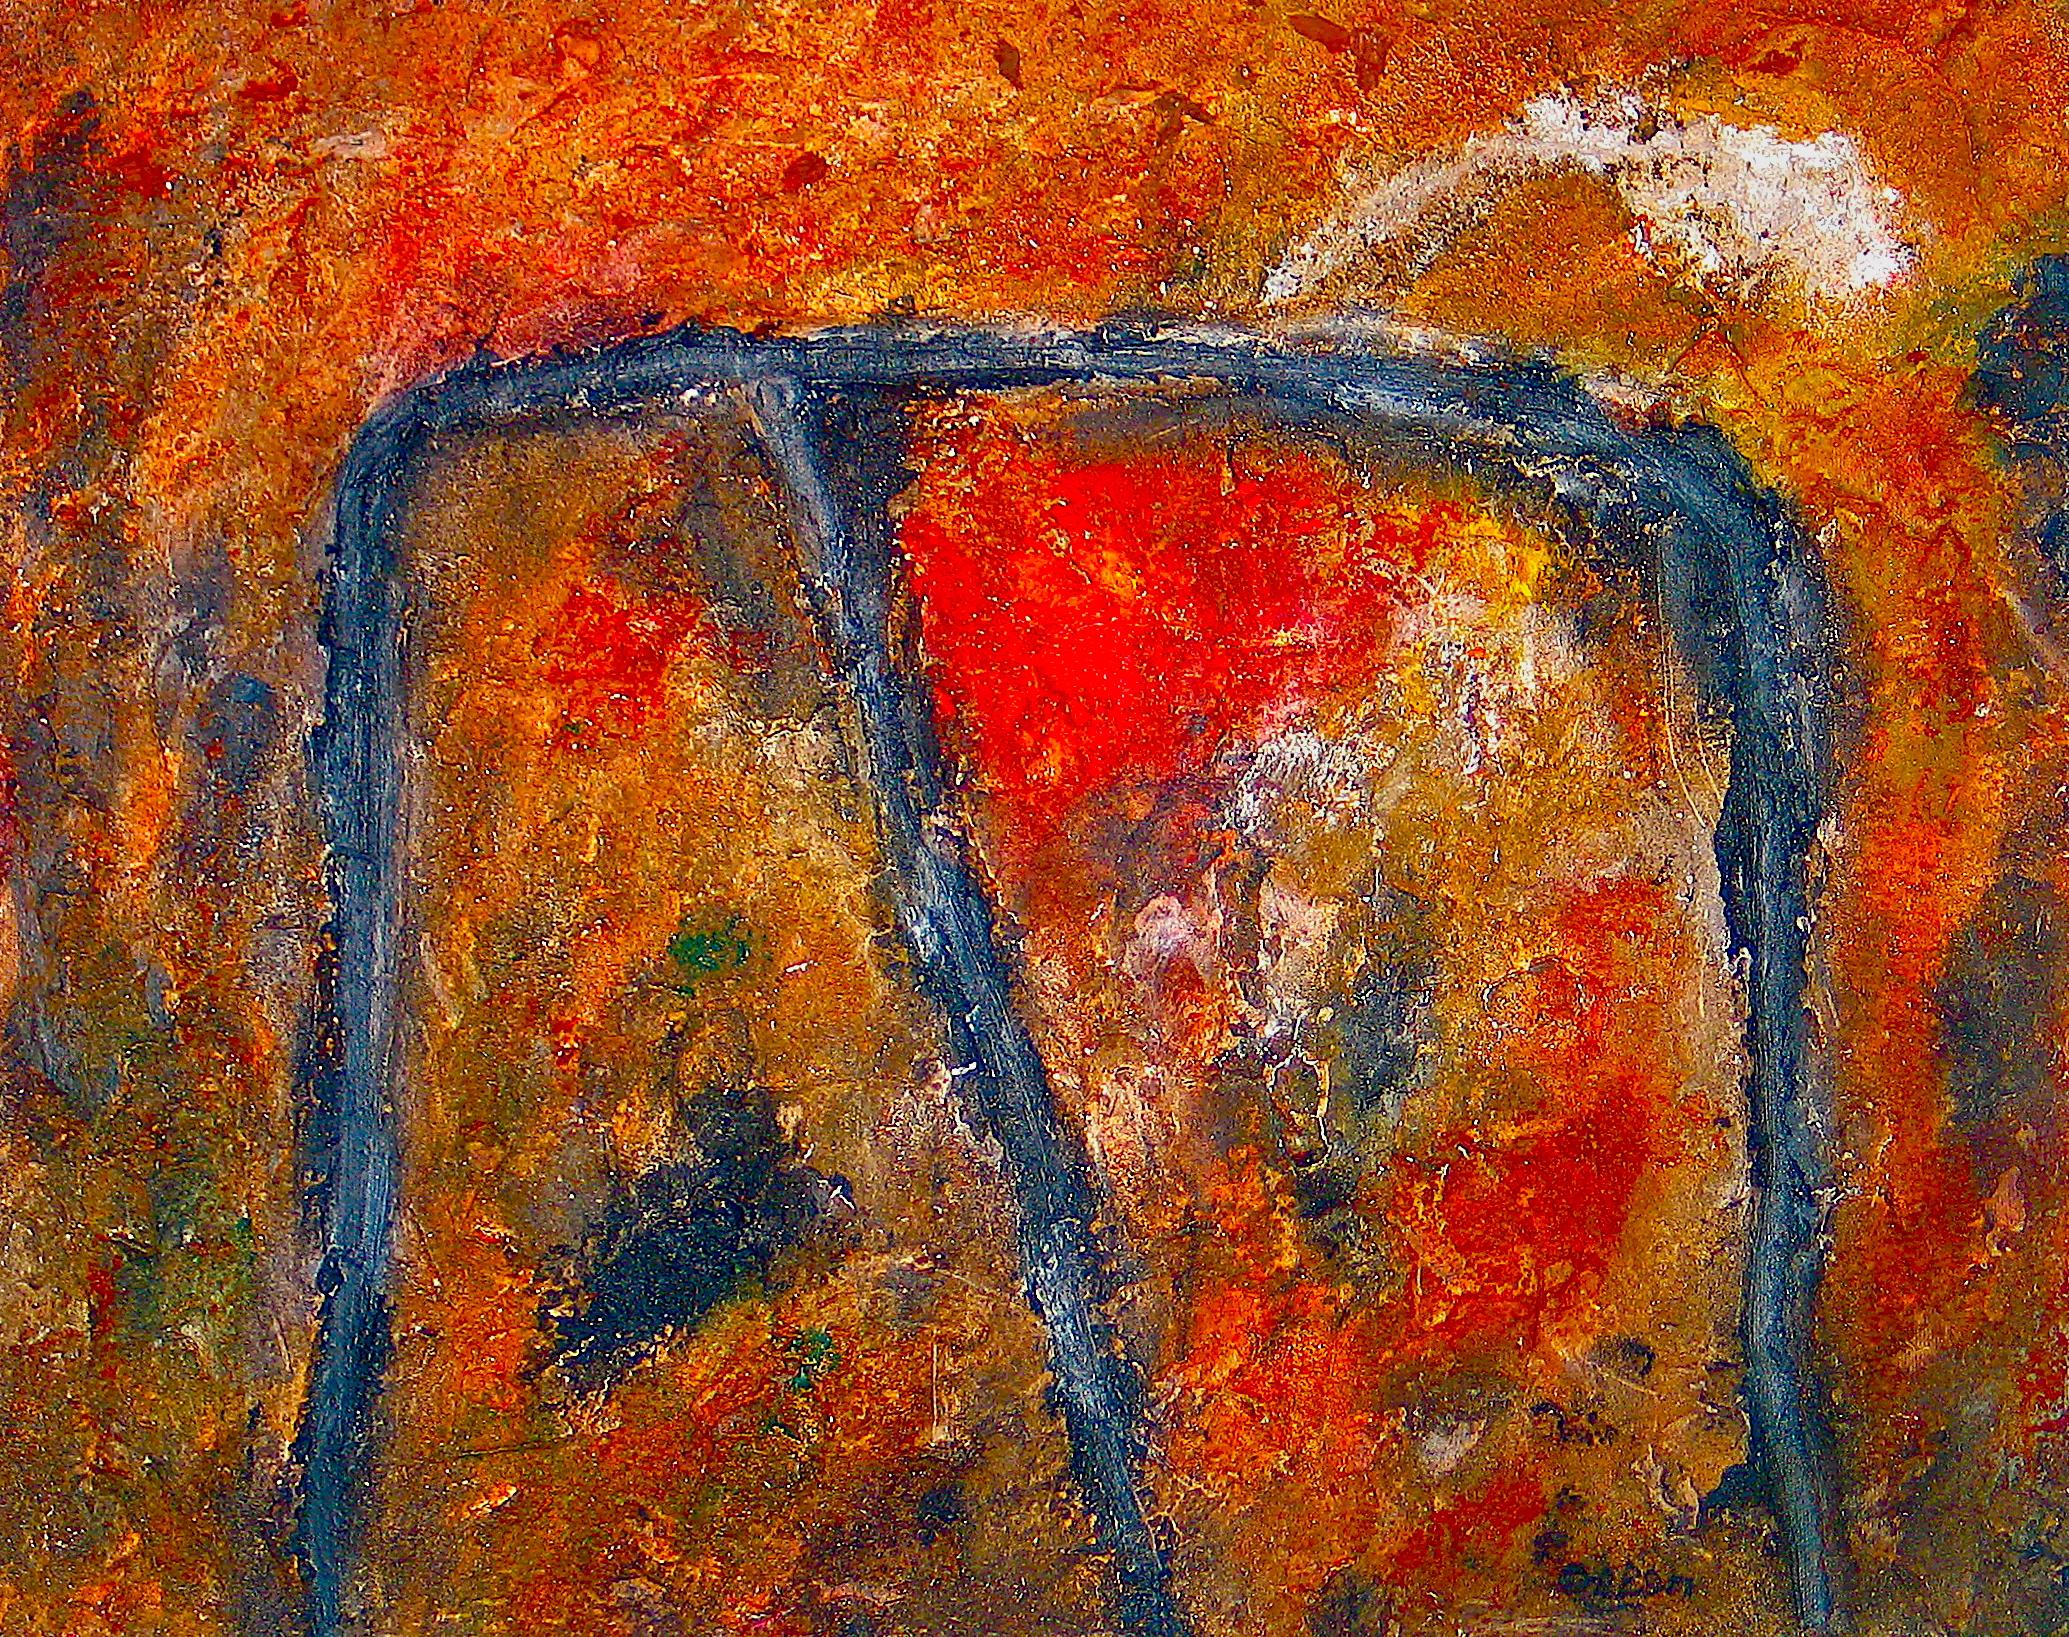 D09-20 Roquebrune#2 V-2009 Gemengde techniek op doek 40 x 50 cm